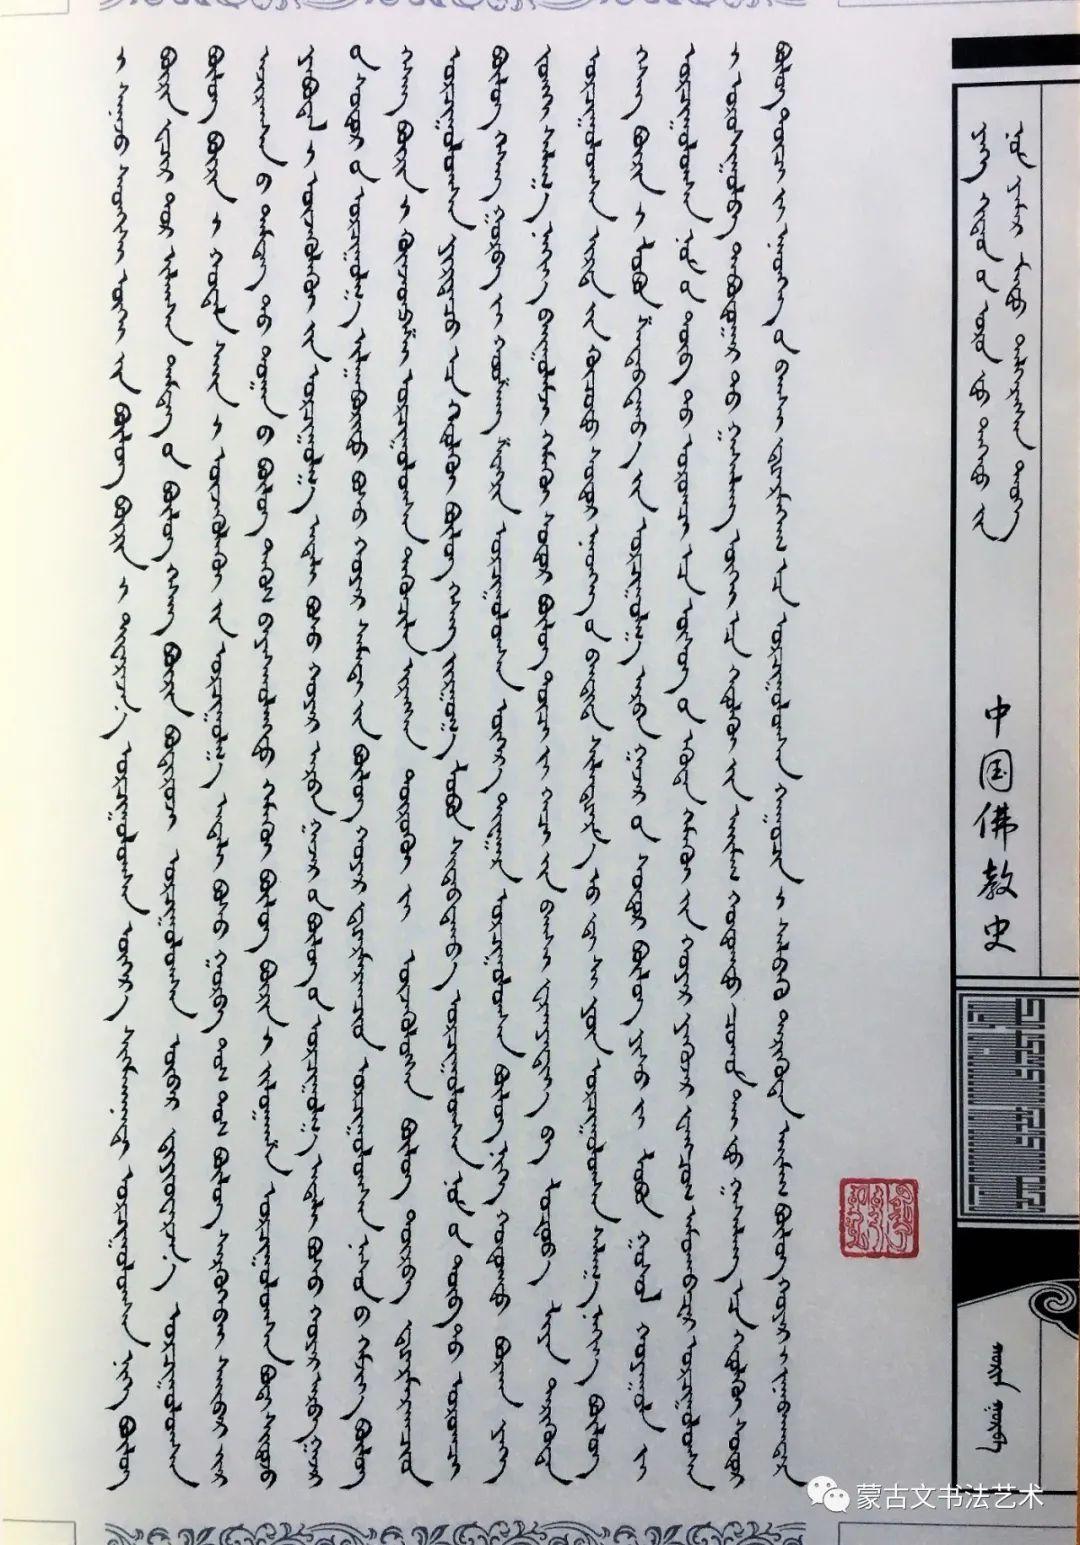 阿力达日图楷书著作-《中国佛教史(三)》 第7张 阿力达日图楷书著作-《中国佛教史(三)》 蒙古书法